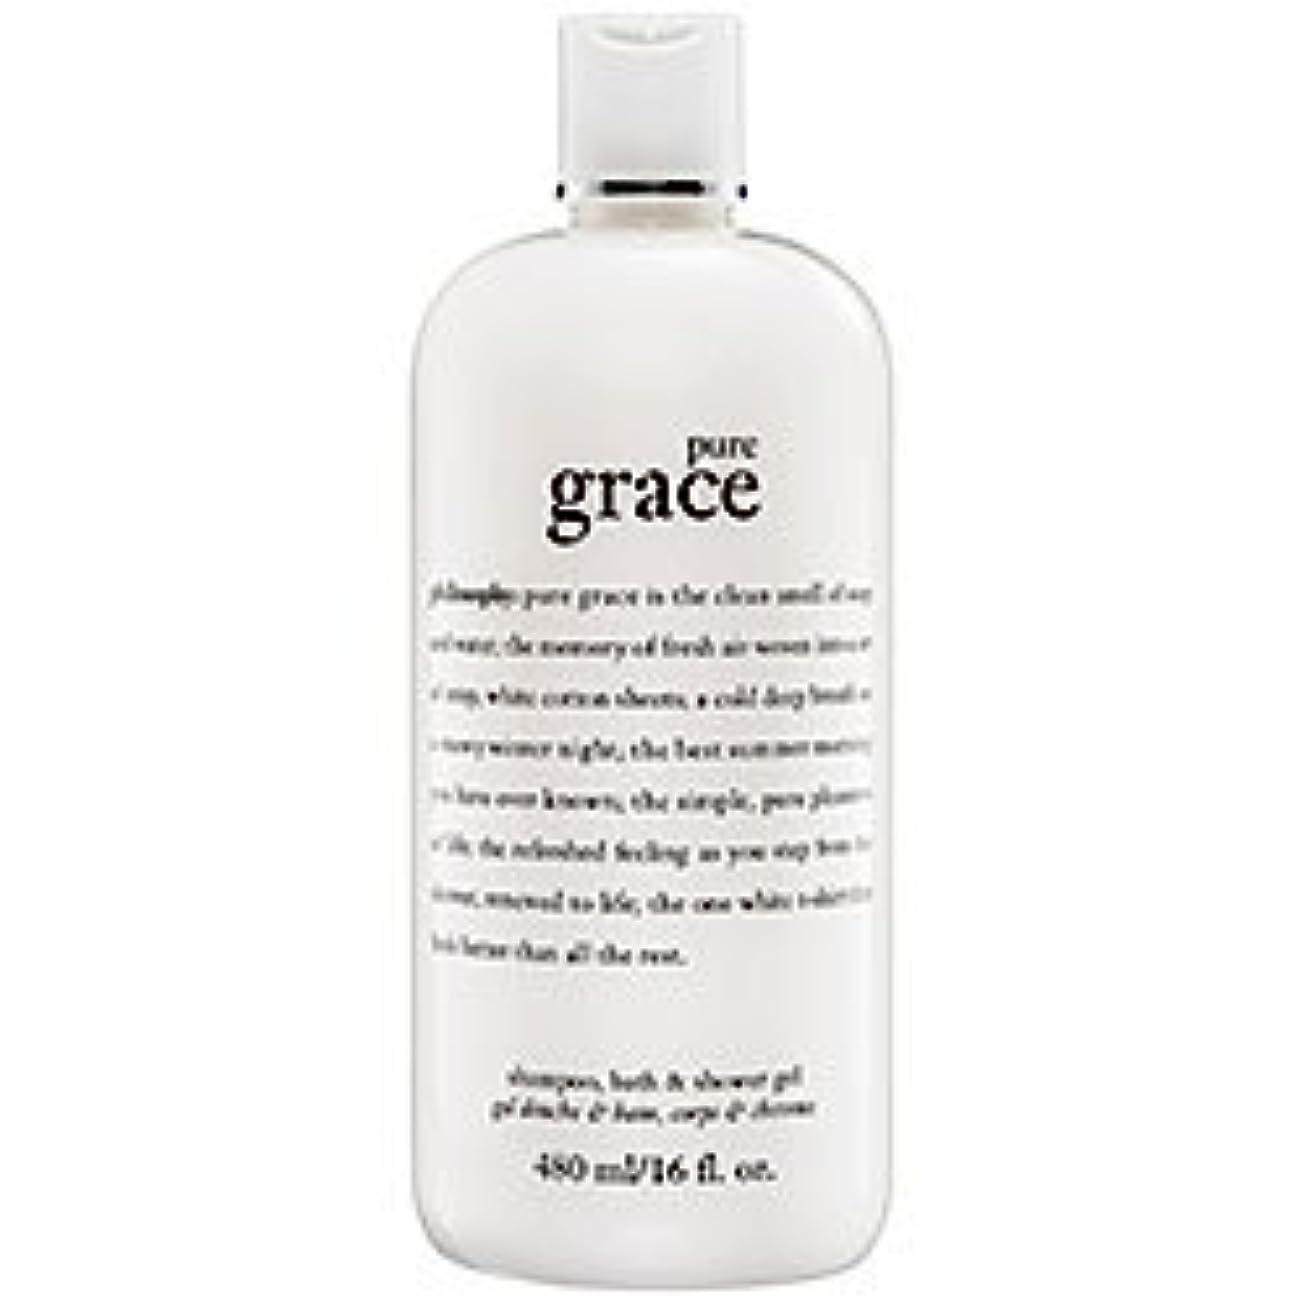 束ねるホームレスゲストpure grace (ピュアグレイス ) 16.0 oz (480ml) foaming bath and shower gel for Women